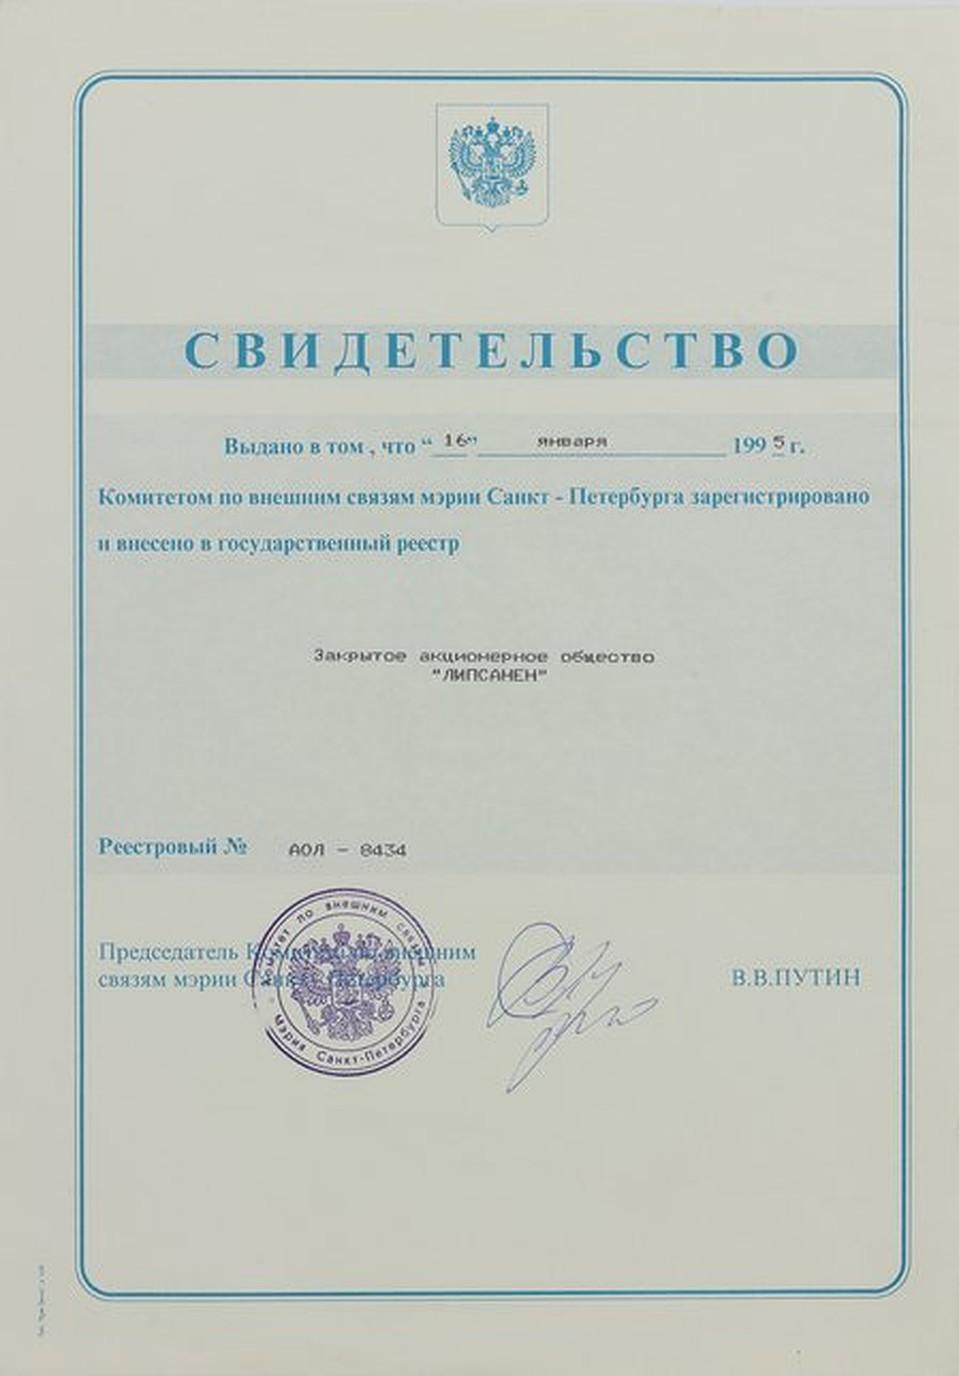 Автограф Владимира Путина. Фото: Российский аукционный дом